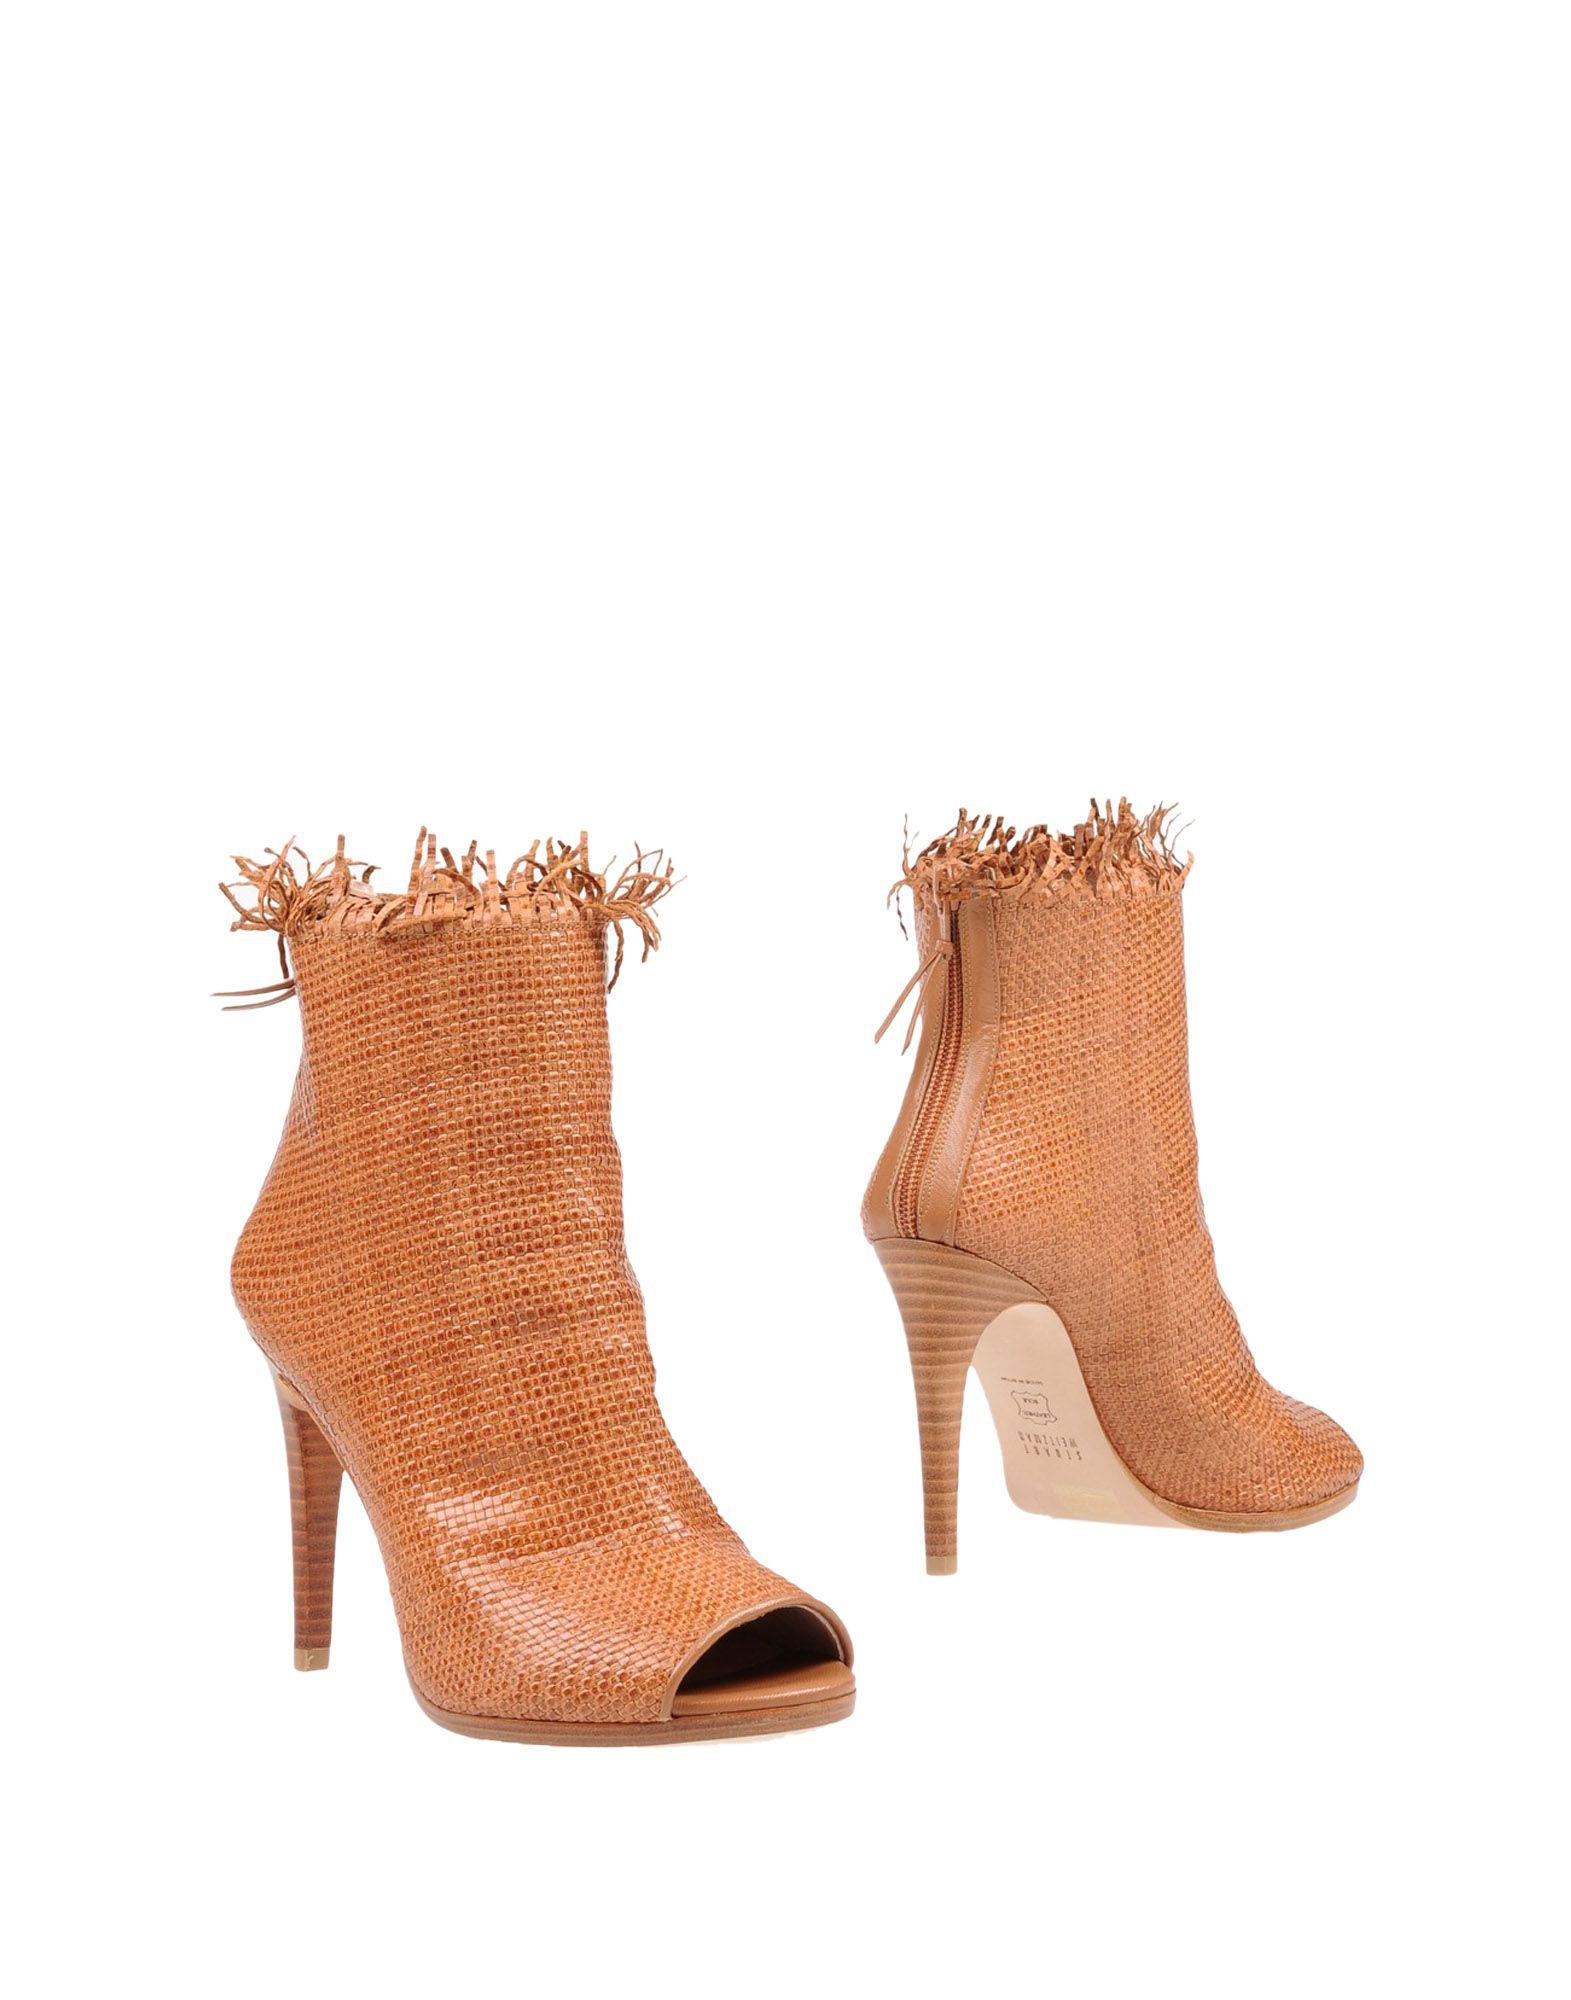 Stivali Pf16 Donna - 11506391ST Scarpe economiche e buone